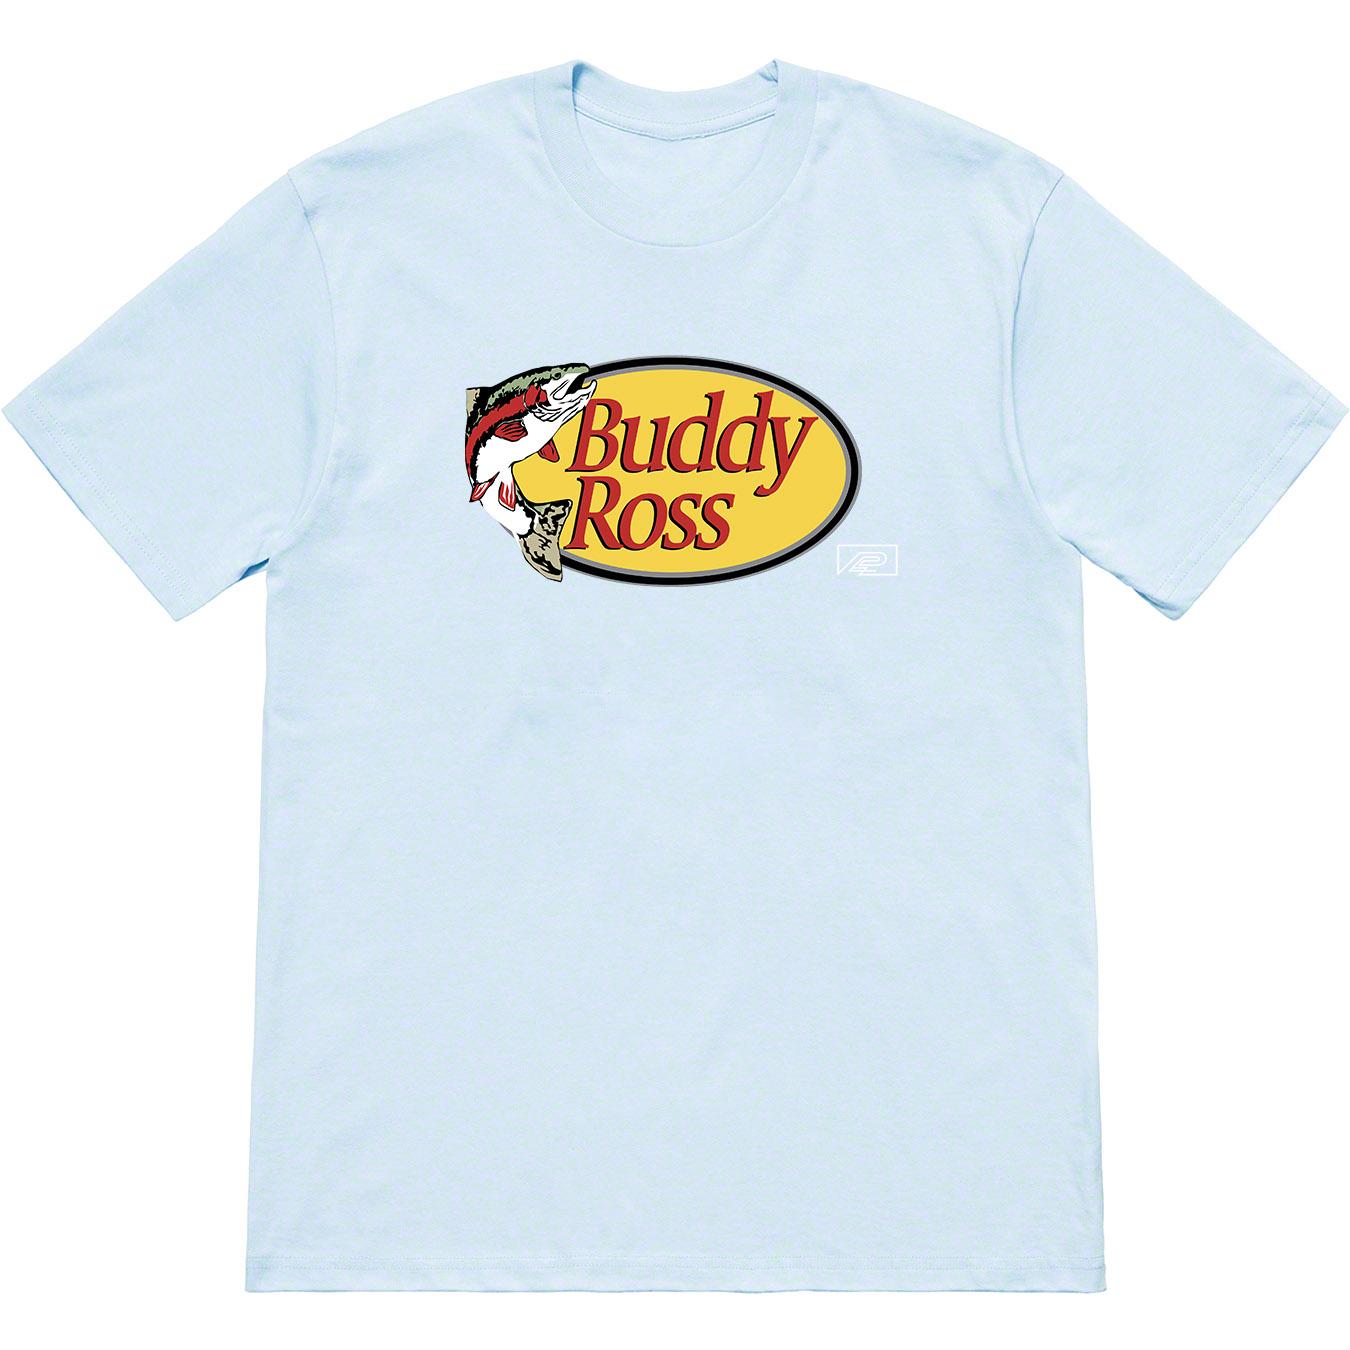 BUDDY ROSS T-SHIRT - LIGHT BLUE